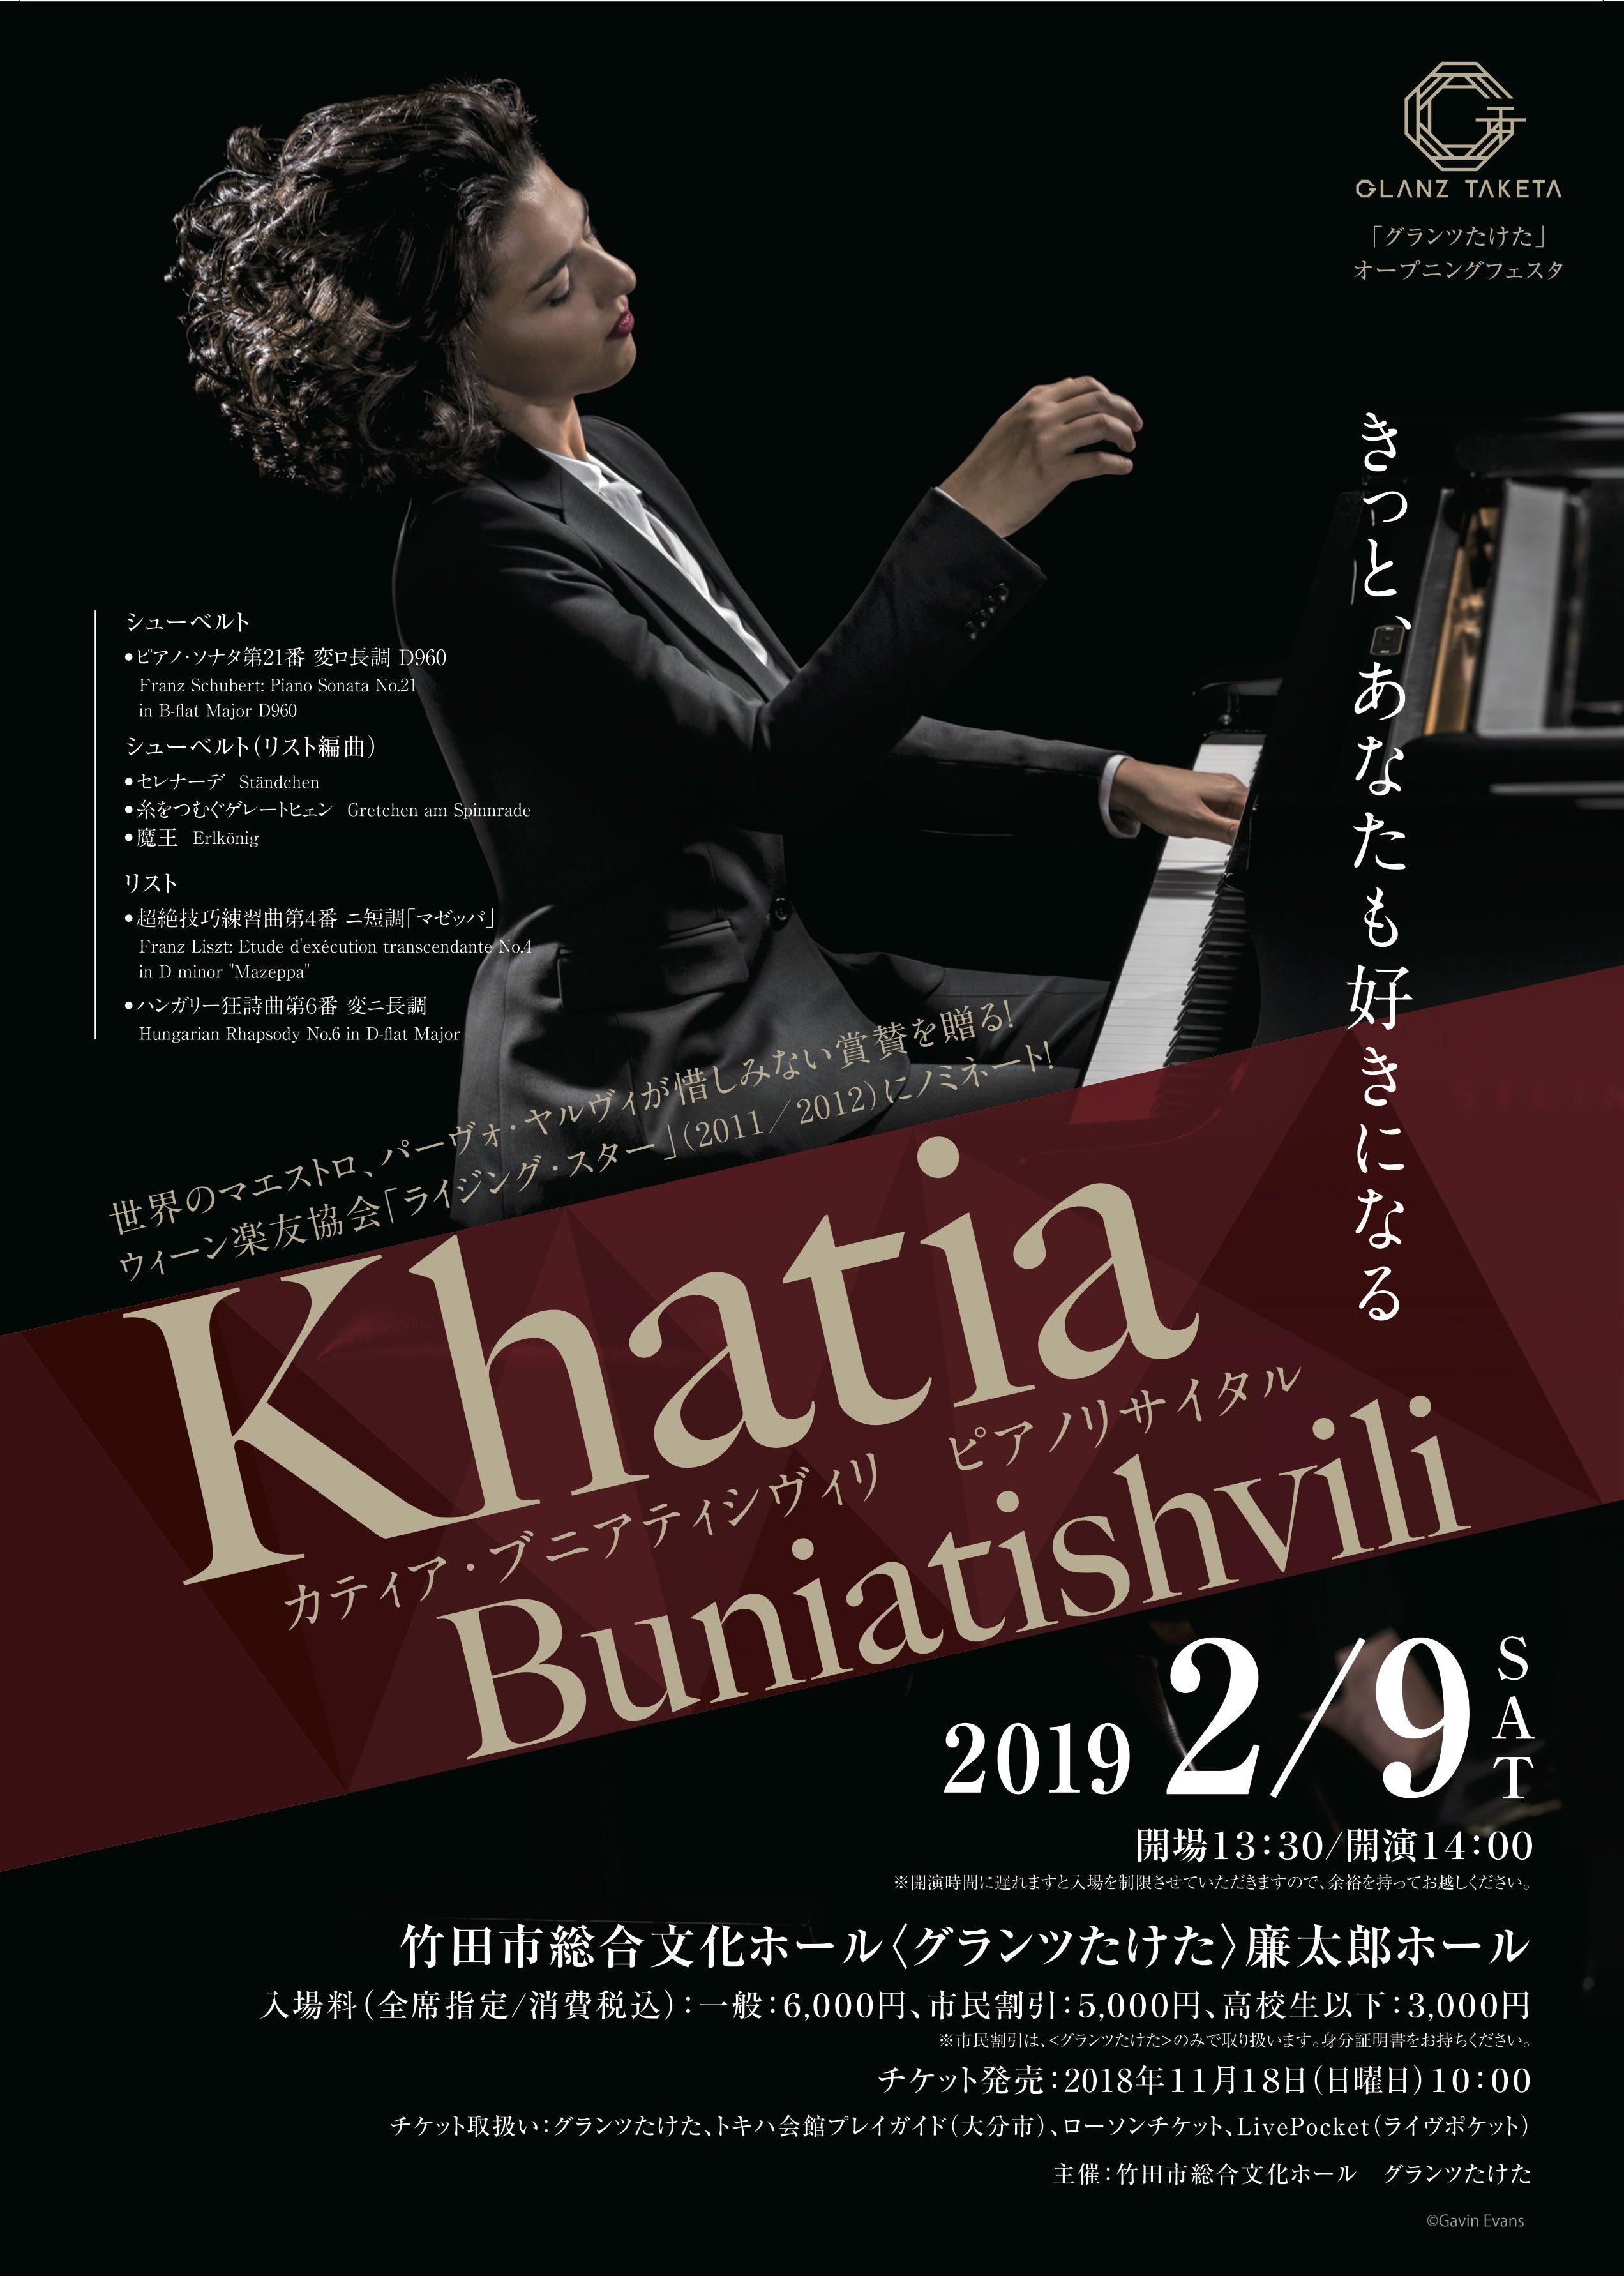 カティア・ブニアティシヴィリ ピアノリサイタル